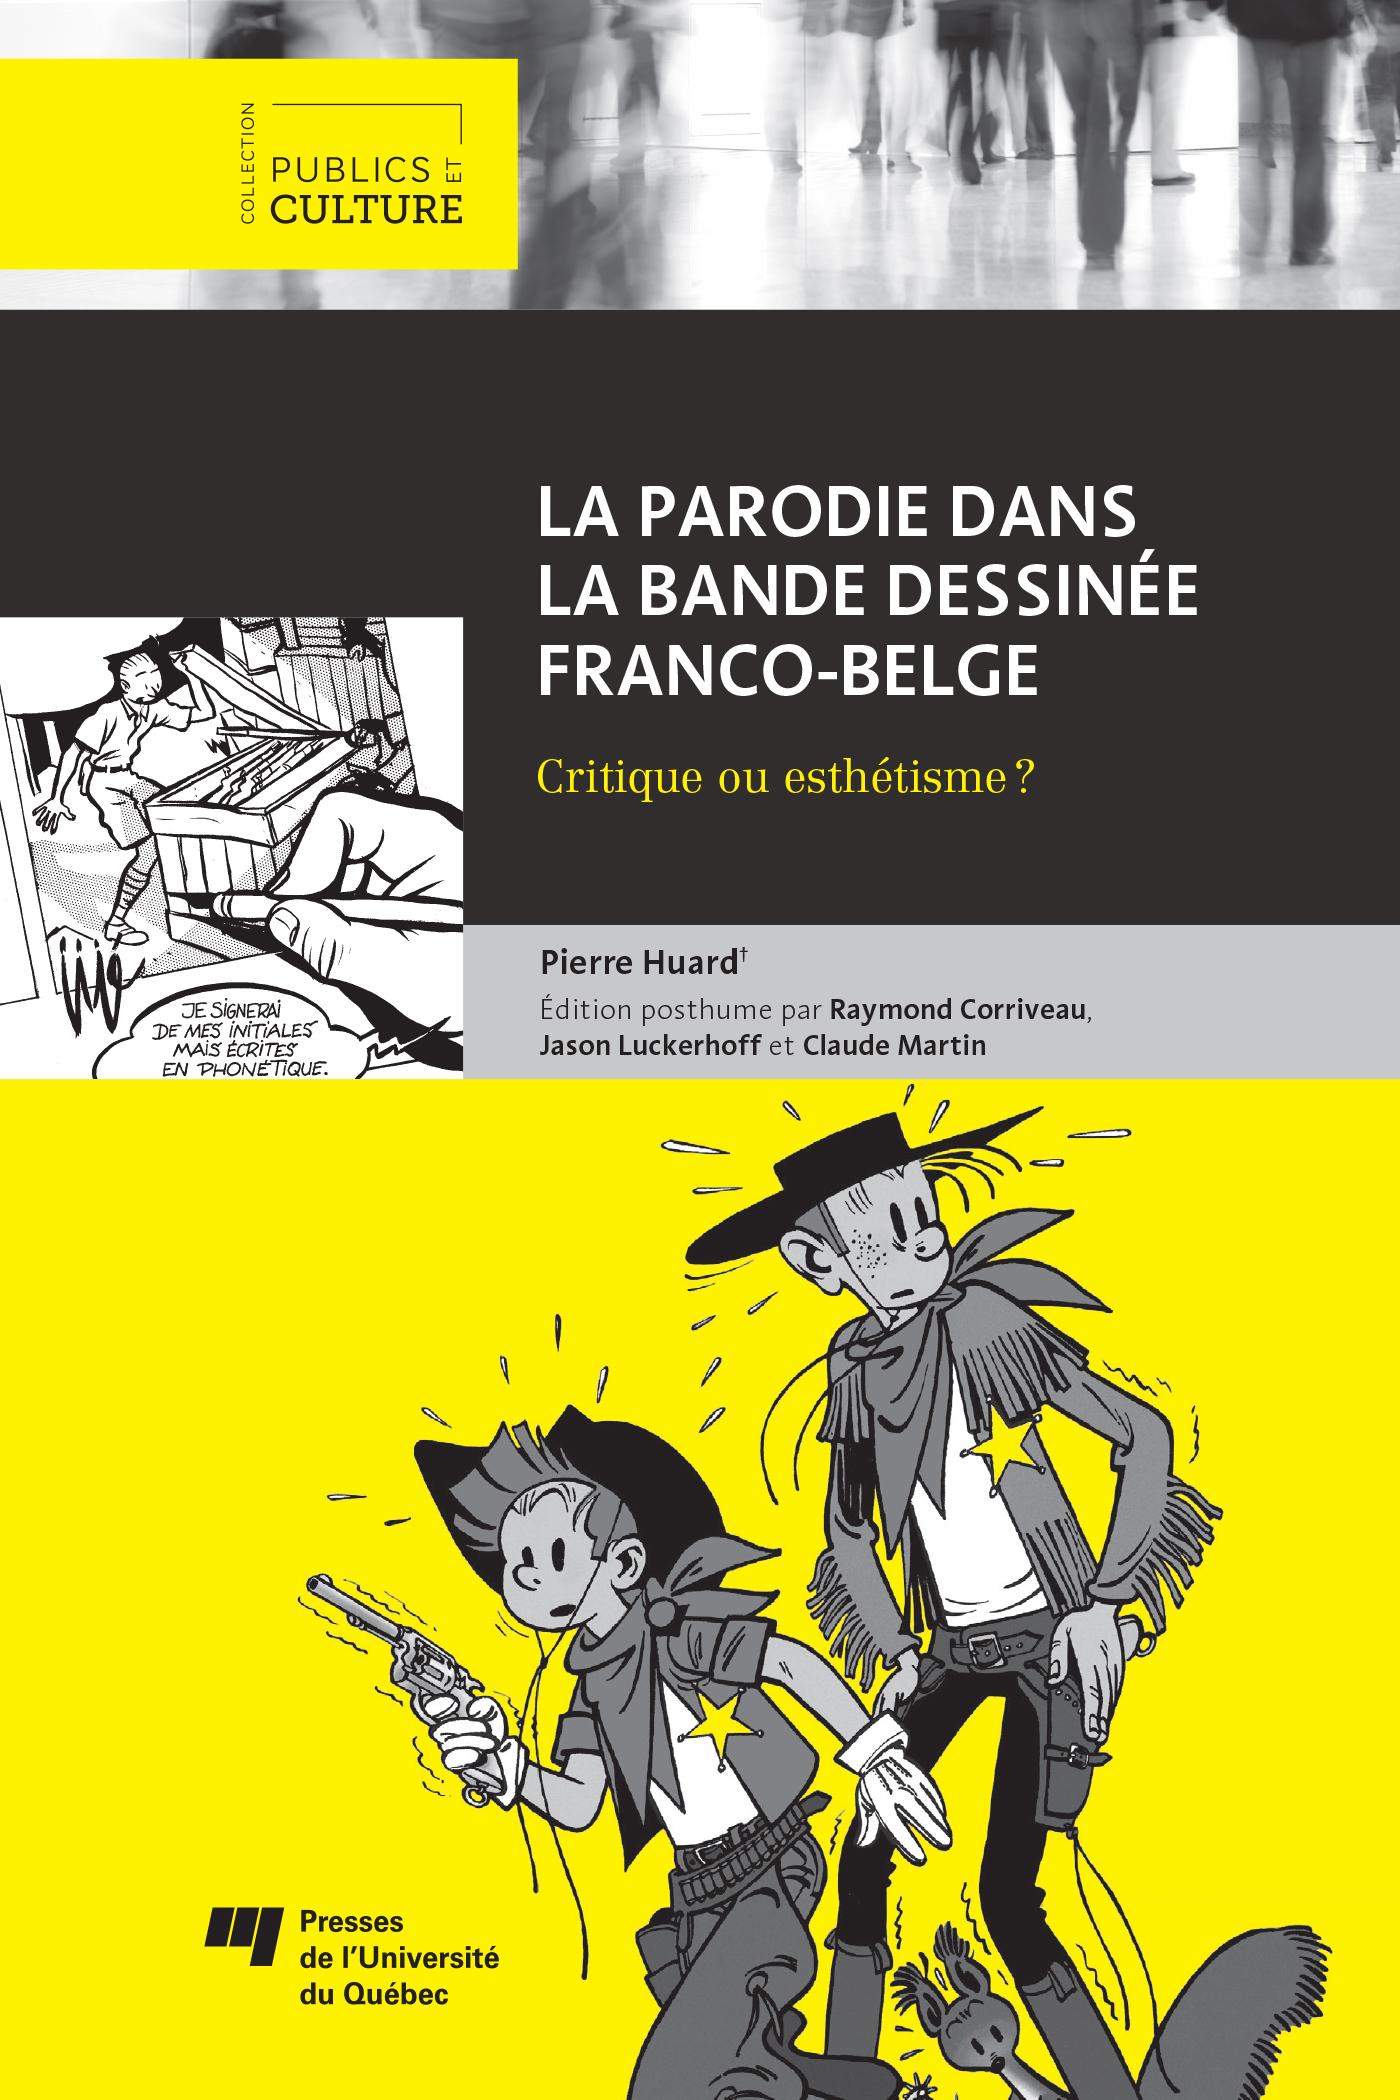 La parodie dans la bande dessinée franco-belge, Critique ou esthétisme?